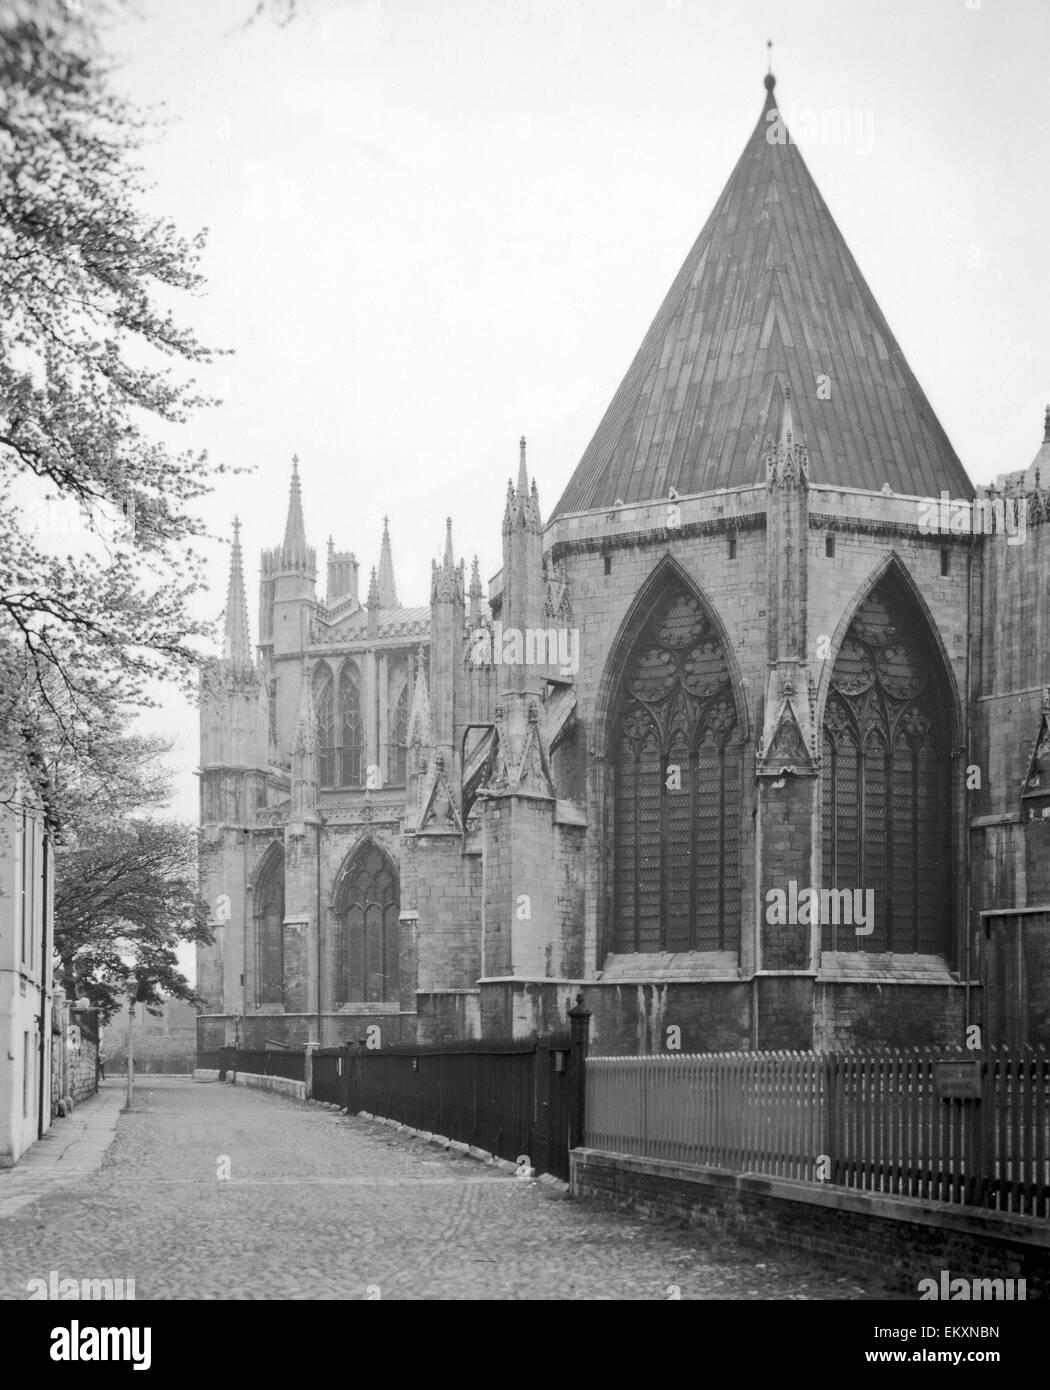 York Minster è una cattedrale gotica di York, in Inghilterra ed è uno dei più grandi del suo genere Immagini Stock